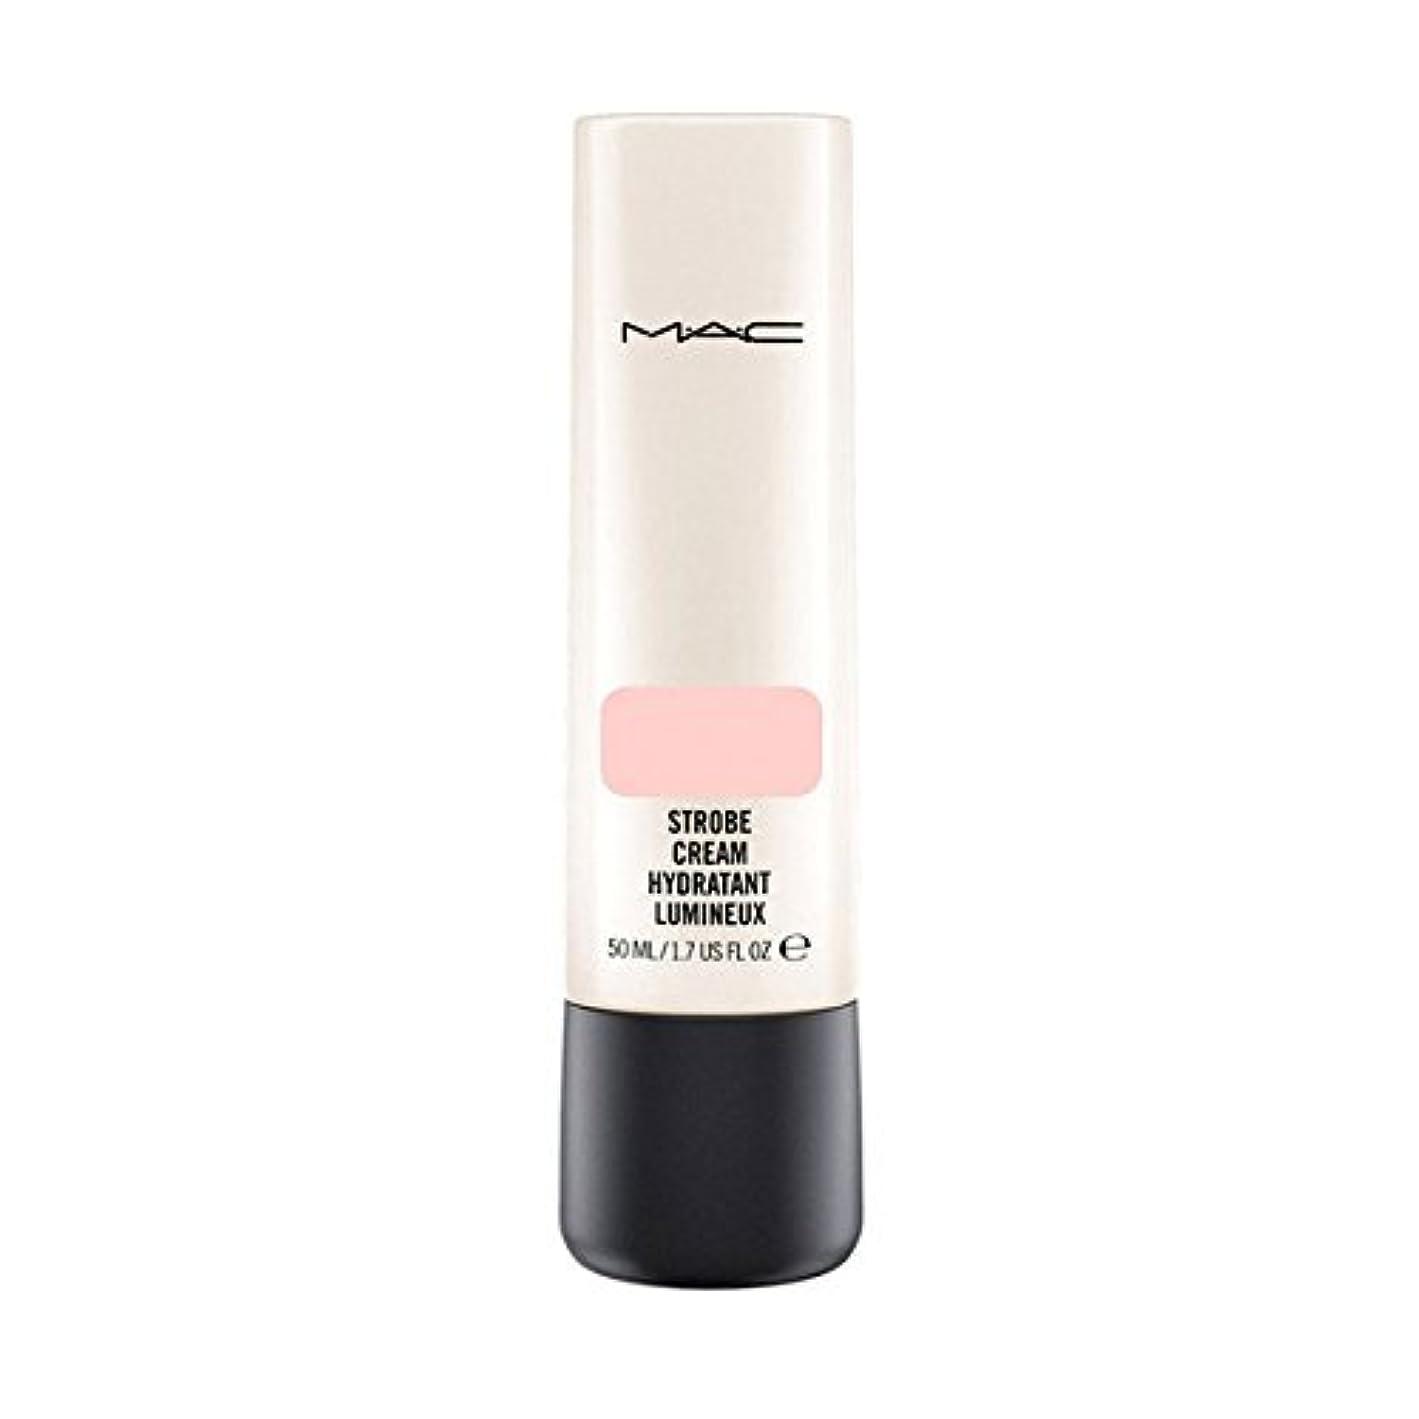 東りんごカンガルーマック(MAC) ストロボ クリーム ピンク ライト/Pink Light 50ml[並行輸入品]